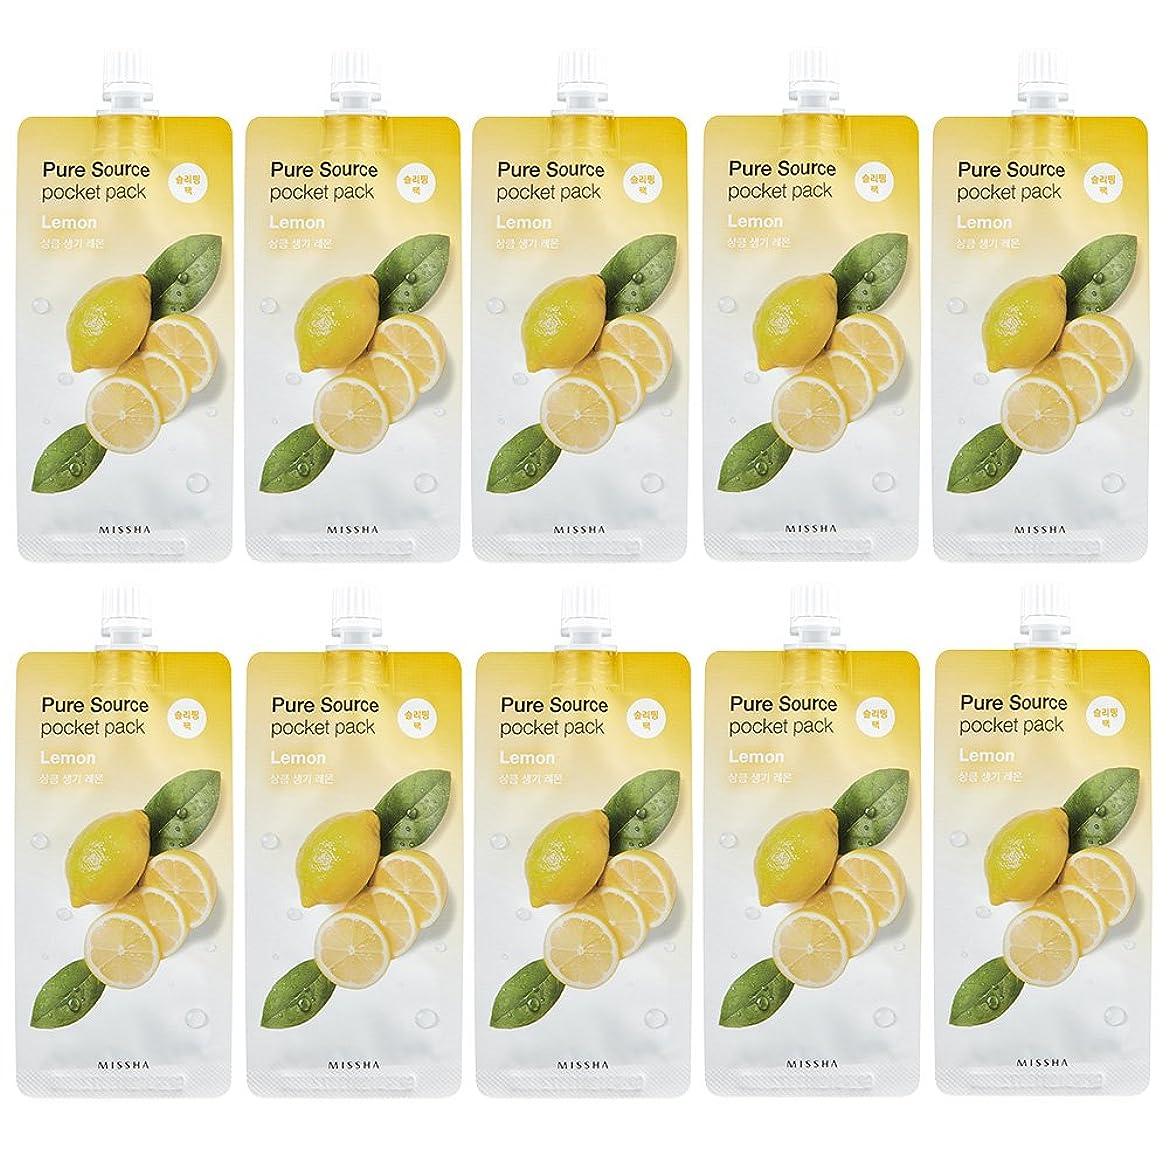 アラバマごみまとめるミシャ ピュア ソース ポケット パック 1個 レモン(スリーピングパック)